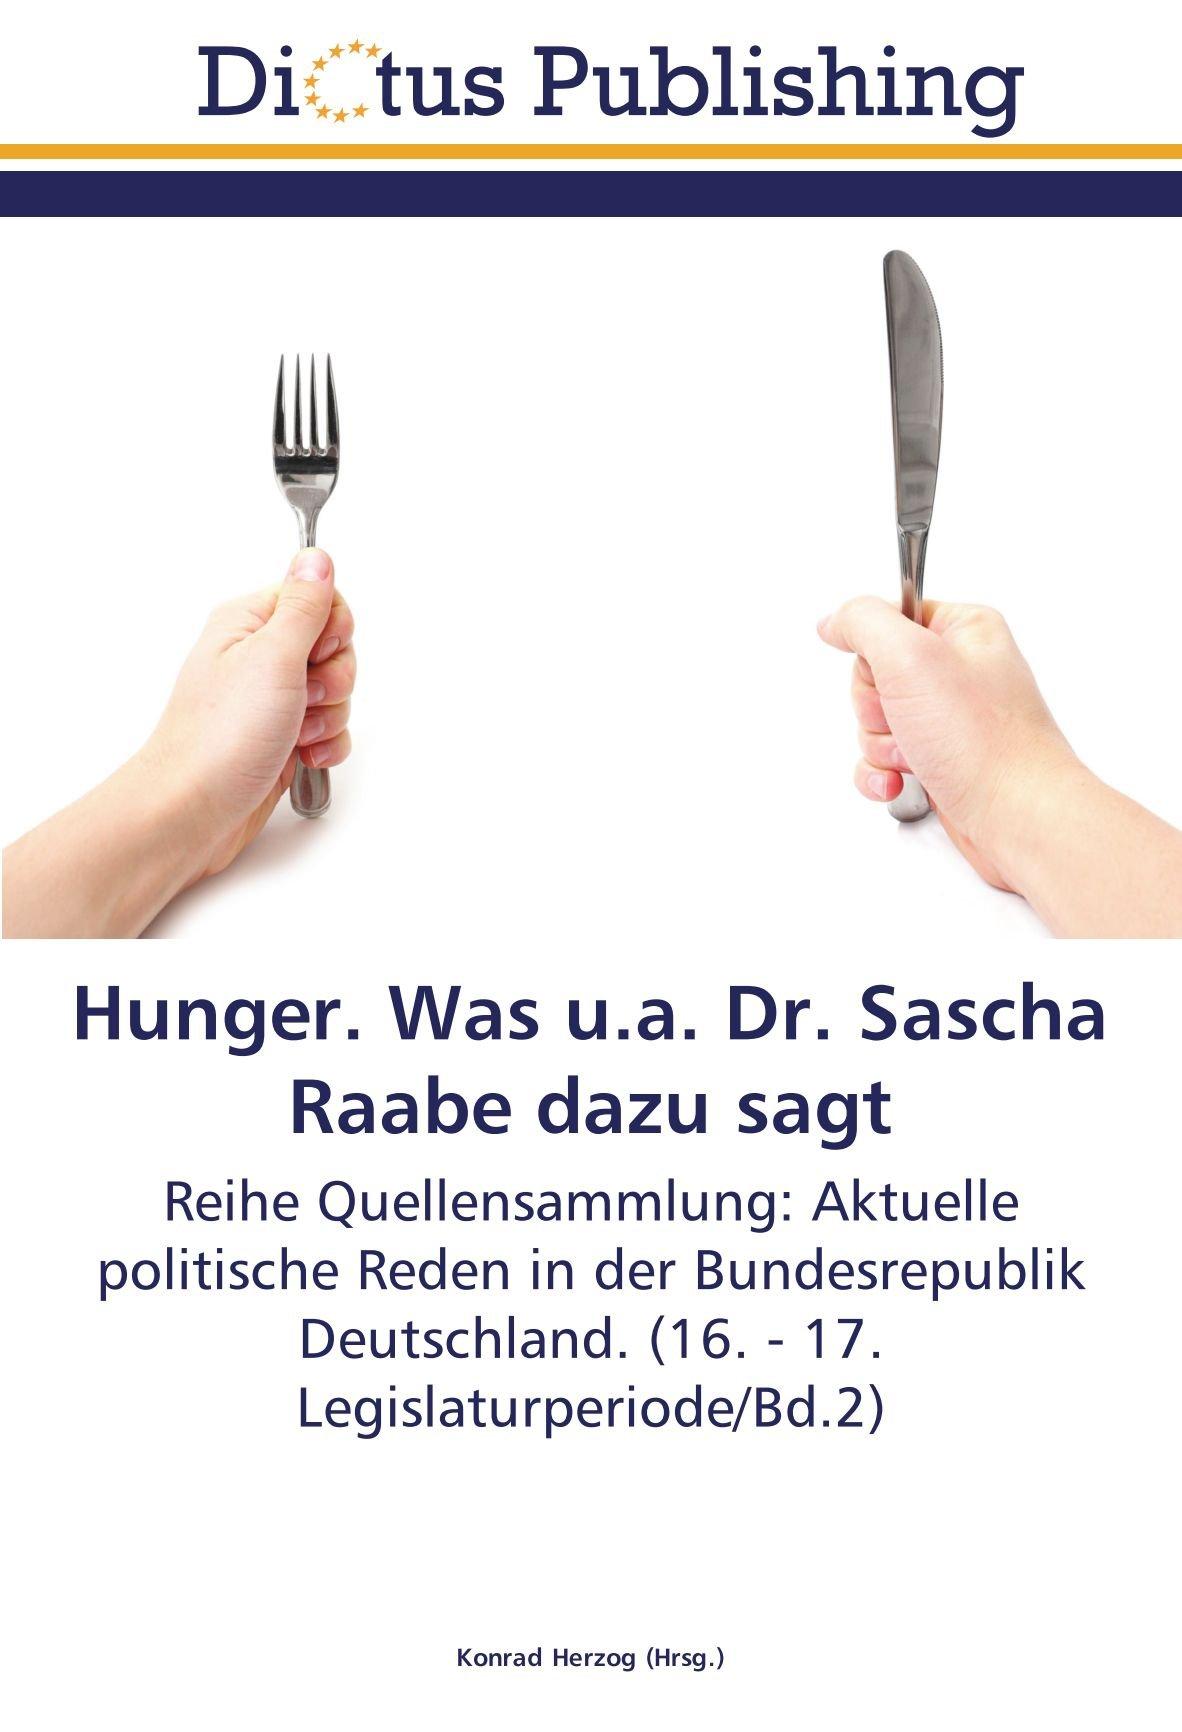 Hunger. Was u.a. Dr. Sascha Raabe dazu sagt: Reihe Quellensammlung: Aktuelle politische Reden in der Bundesrepublik Deutschland. (16. - 17. Legislaturperiode/Bd.2) (German Edition) PDF